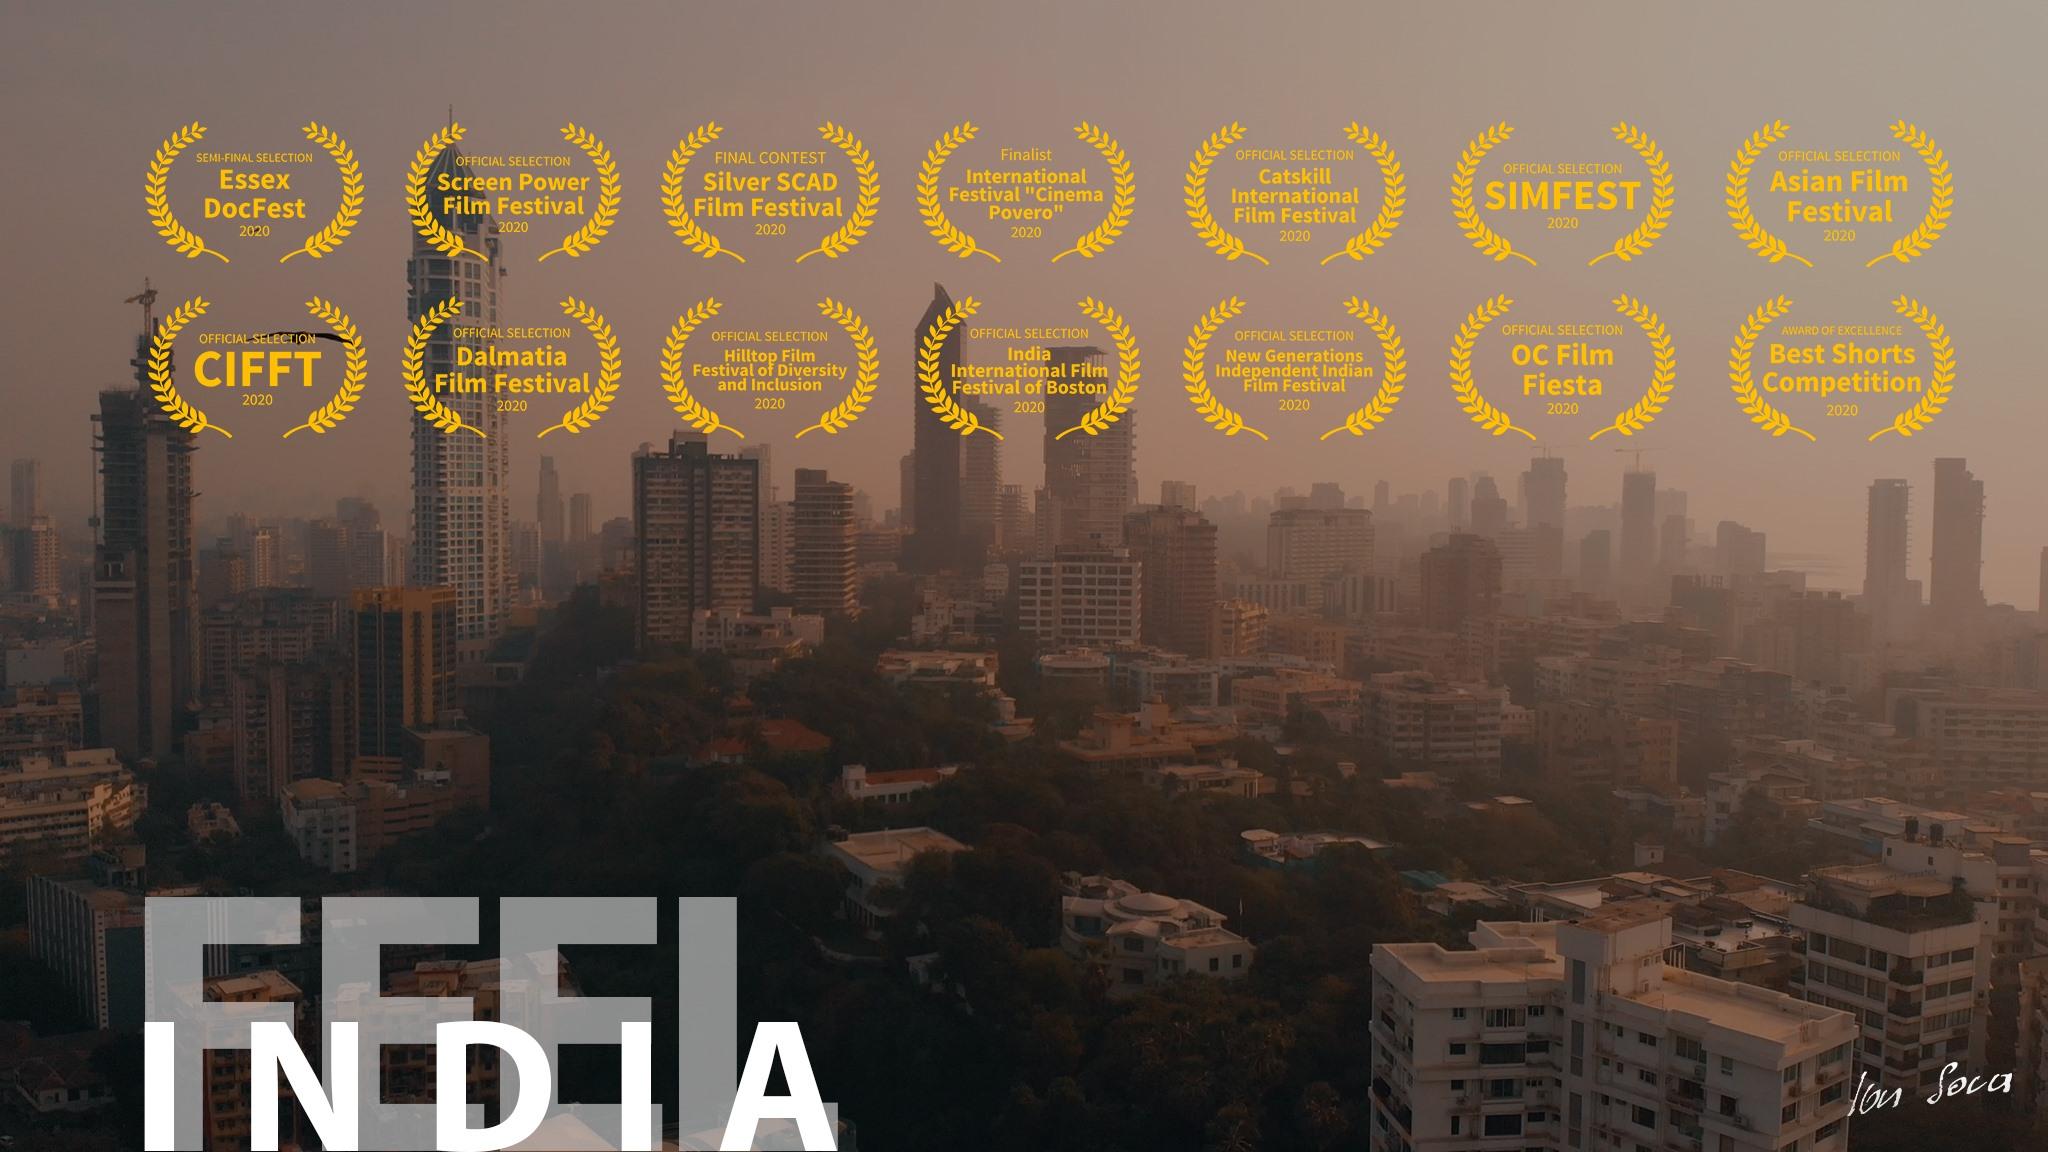 Un regizor moldovean a obținut 15 premii pentru un film despre India. Dar a fost nevoit să stea și în închisoare (VIDEO)